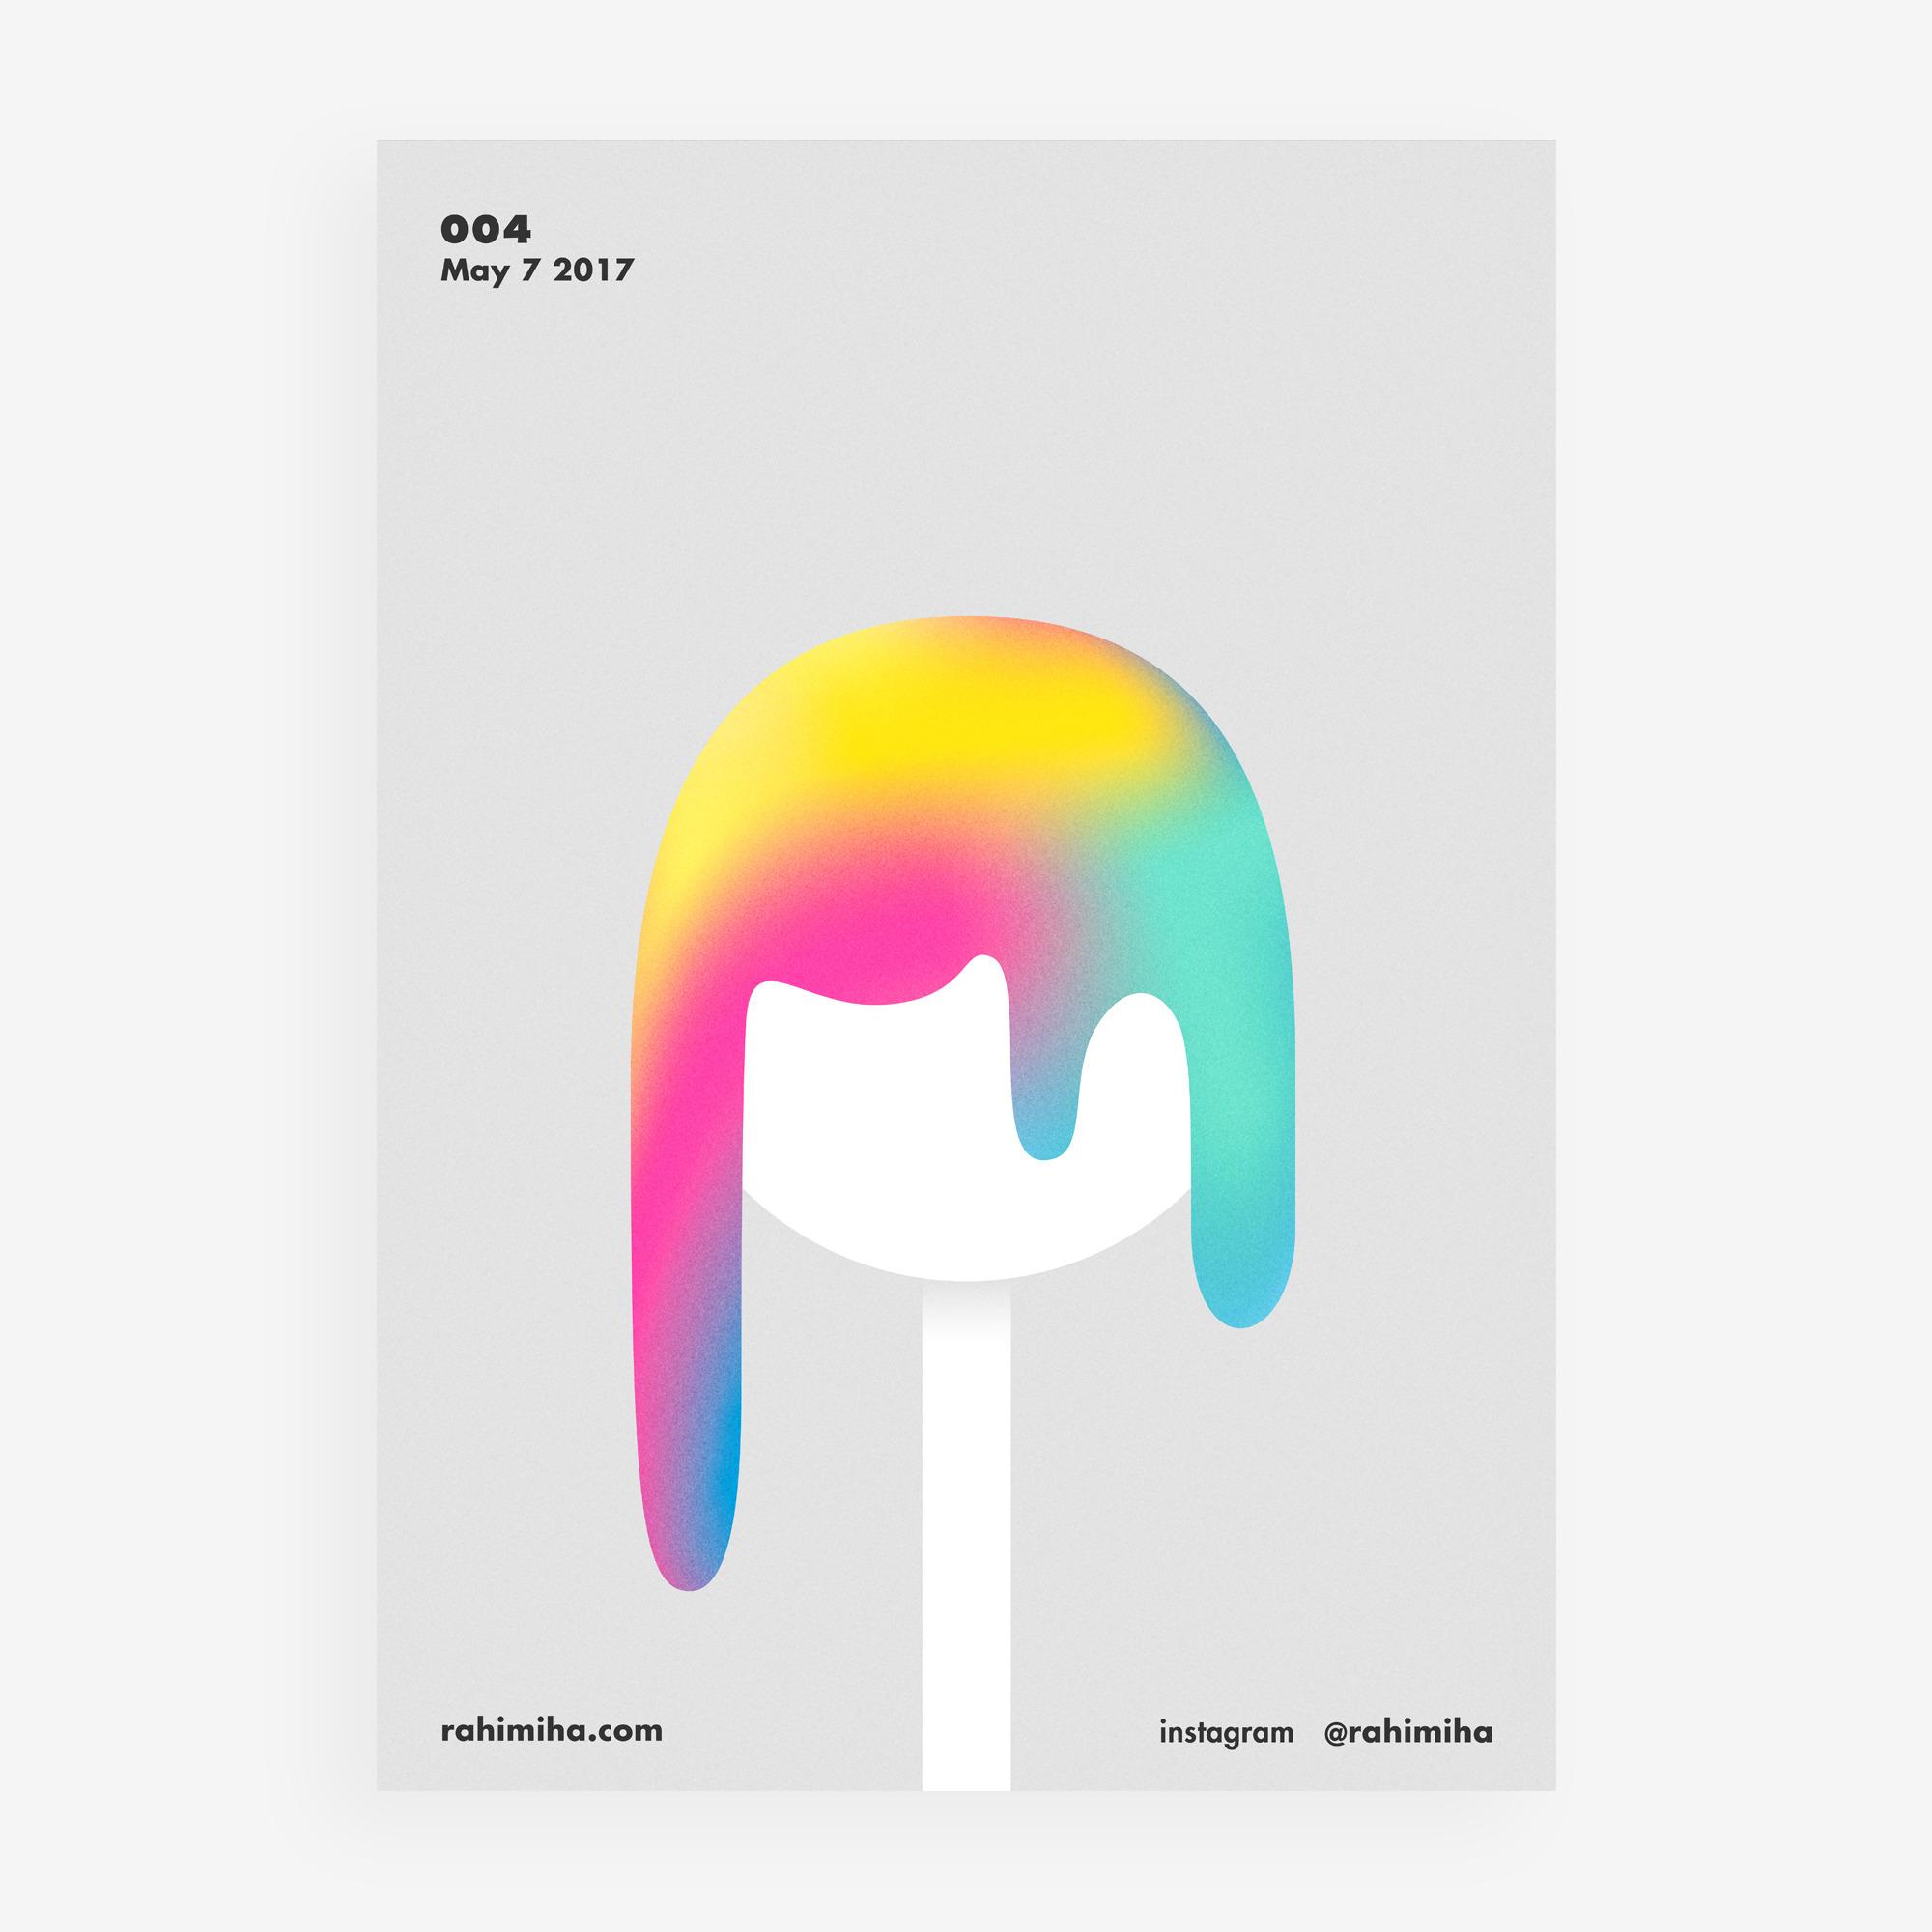 Day 004 Nima Rahimiha poster da - rahimiha | ello